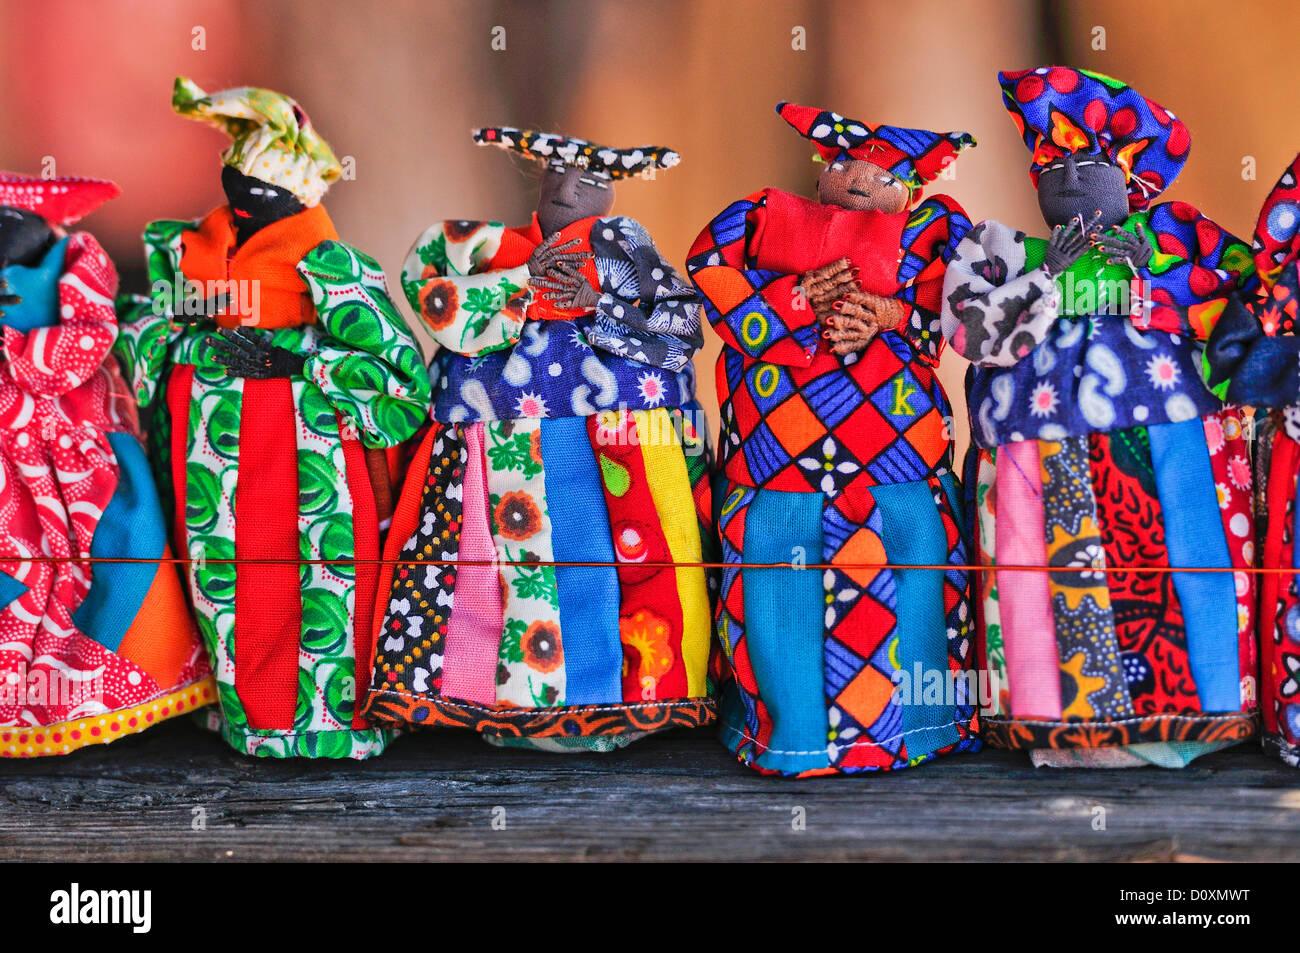 Africa, Damaraland, Herero, Women, Namibia, colorful, craft, doll, horizontal, puppet, vibrant - Stock Image